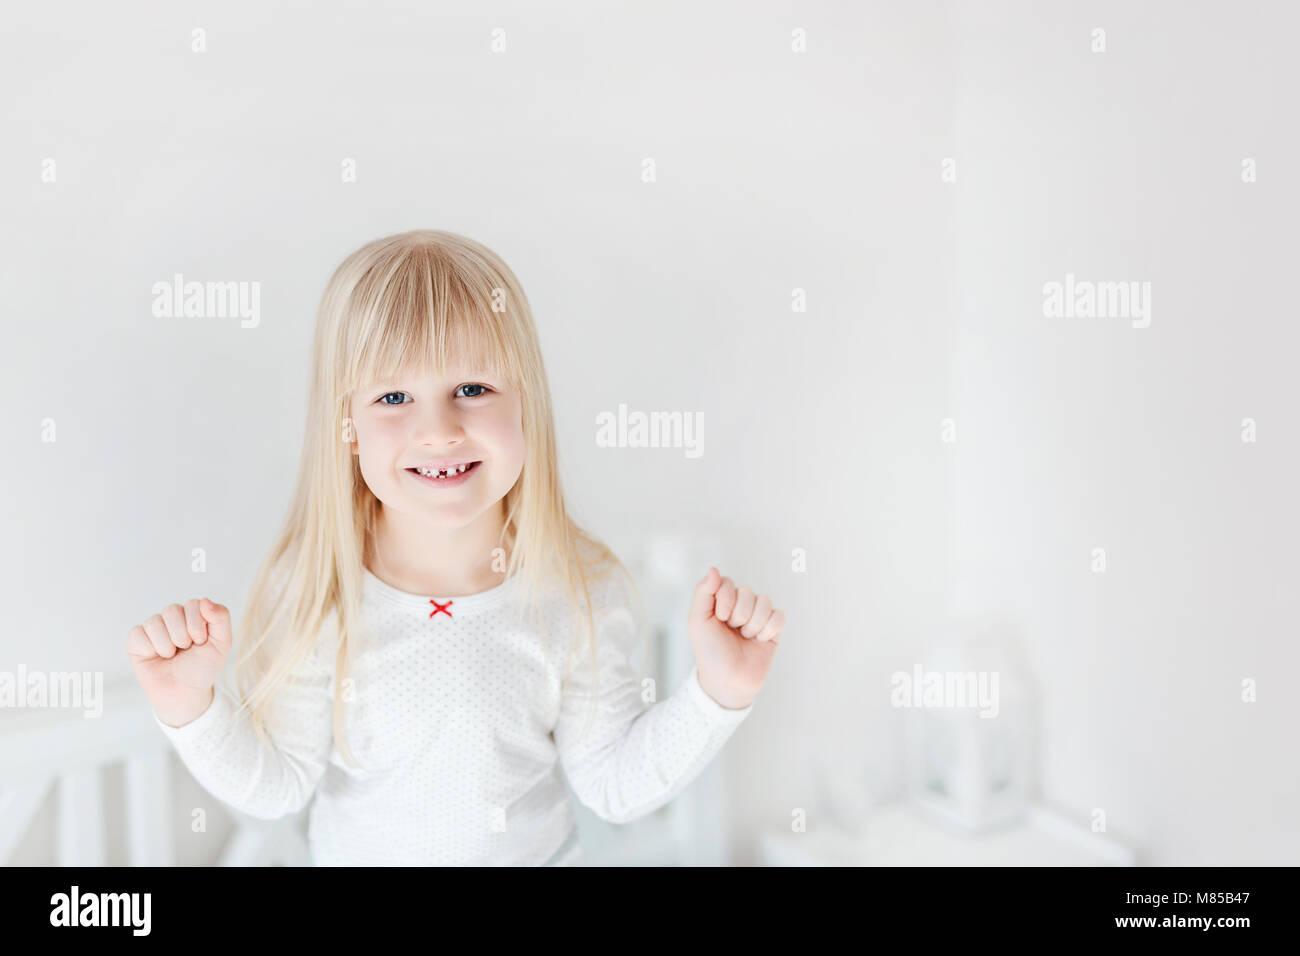 Ritratto di poco carino ragazza in piedi sul letto. Adorabili bambini sorridenti. Ragazzo biondo alzando i pugni. Immagini Stock